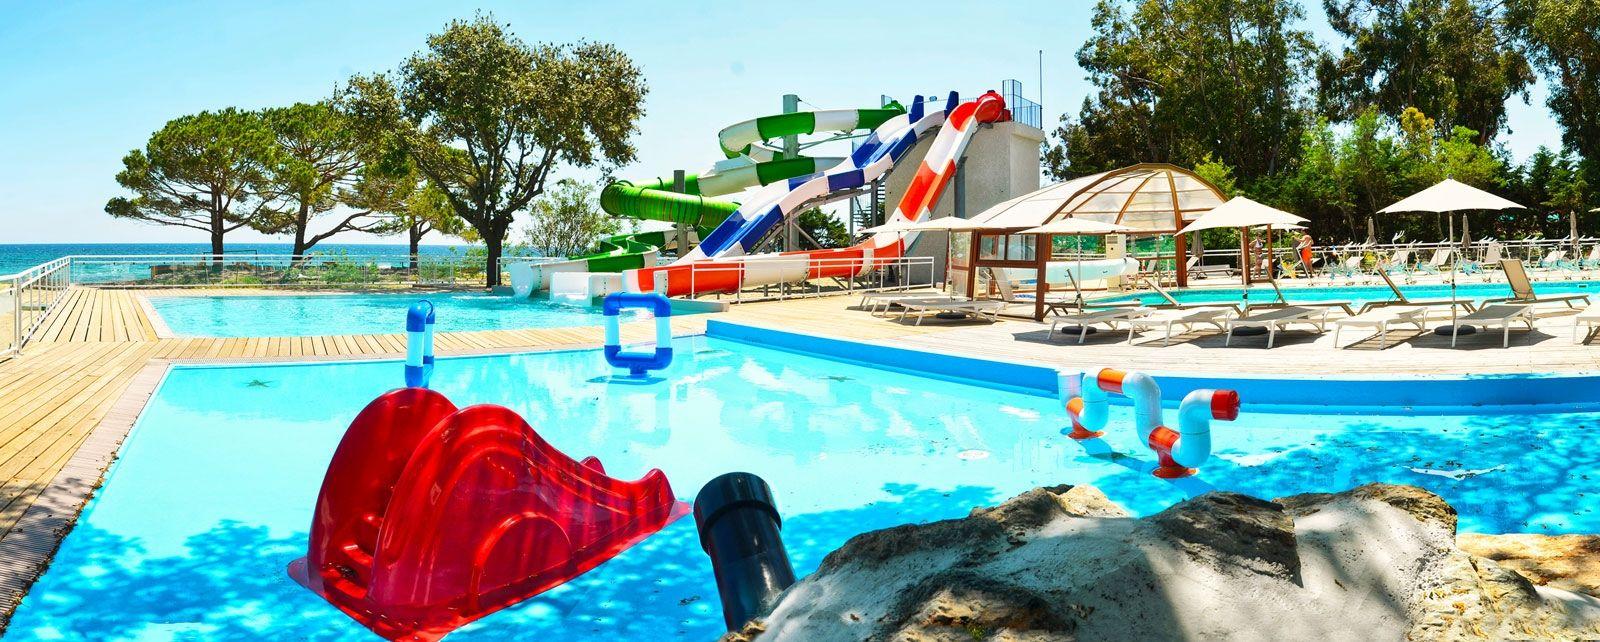 Piscine All Aperto Piemonte campeggi con acquapark, camping e villaggi con acquapark